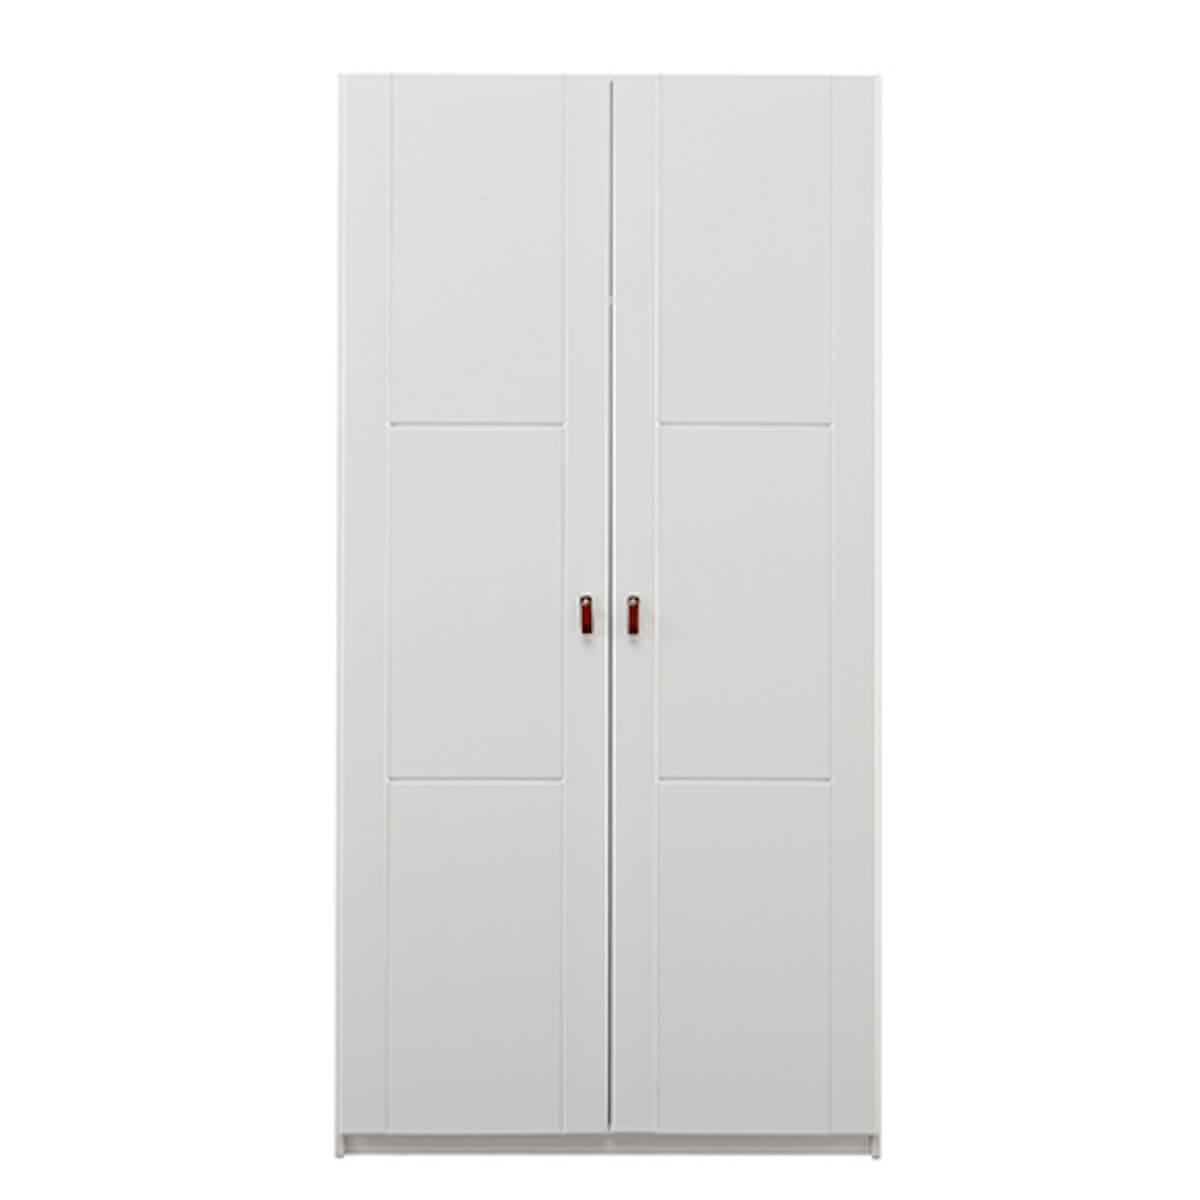 Armario 100cm 2 puertas LifeTime blanco